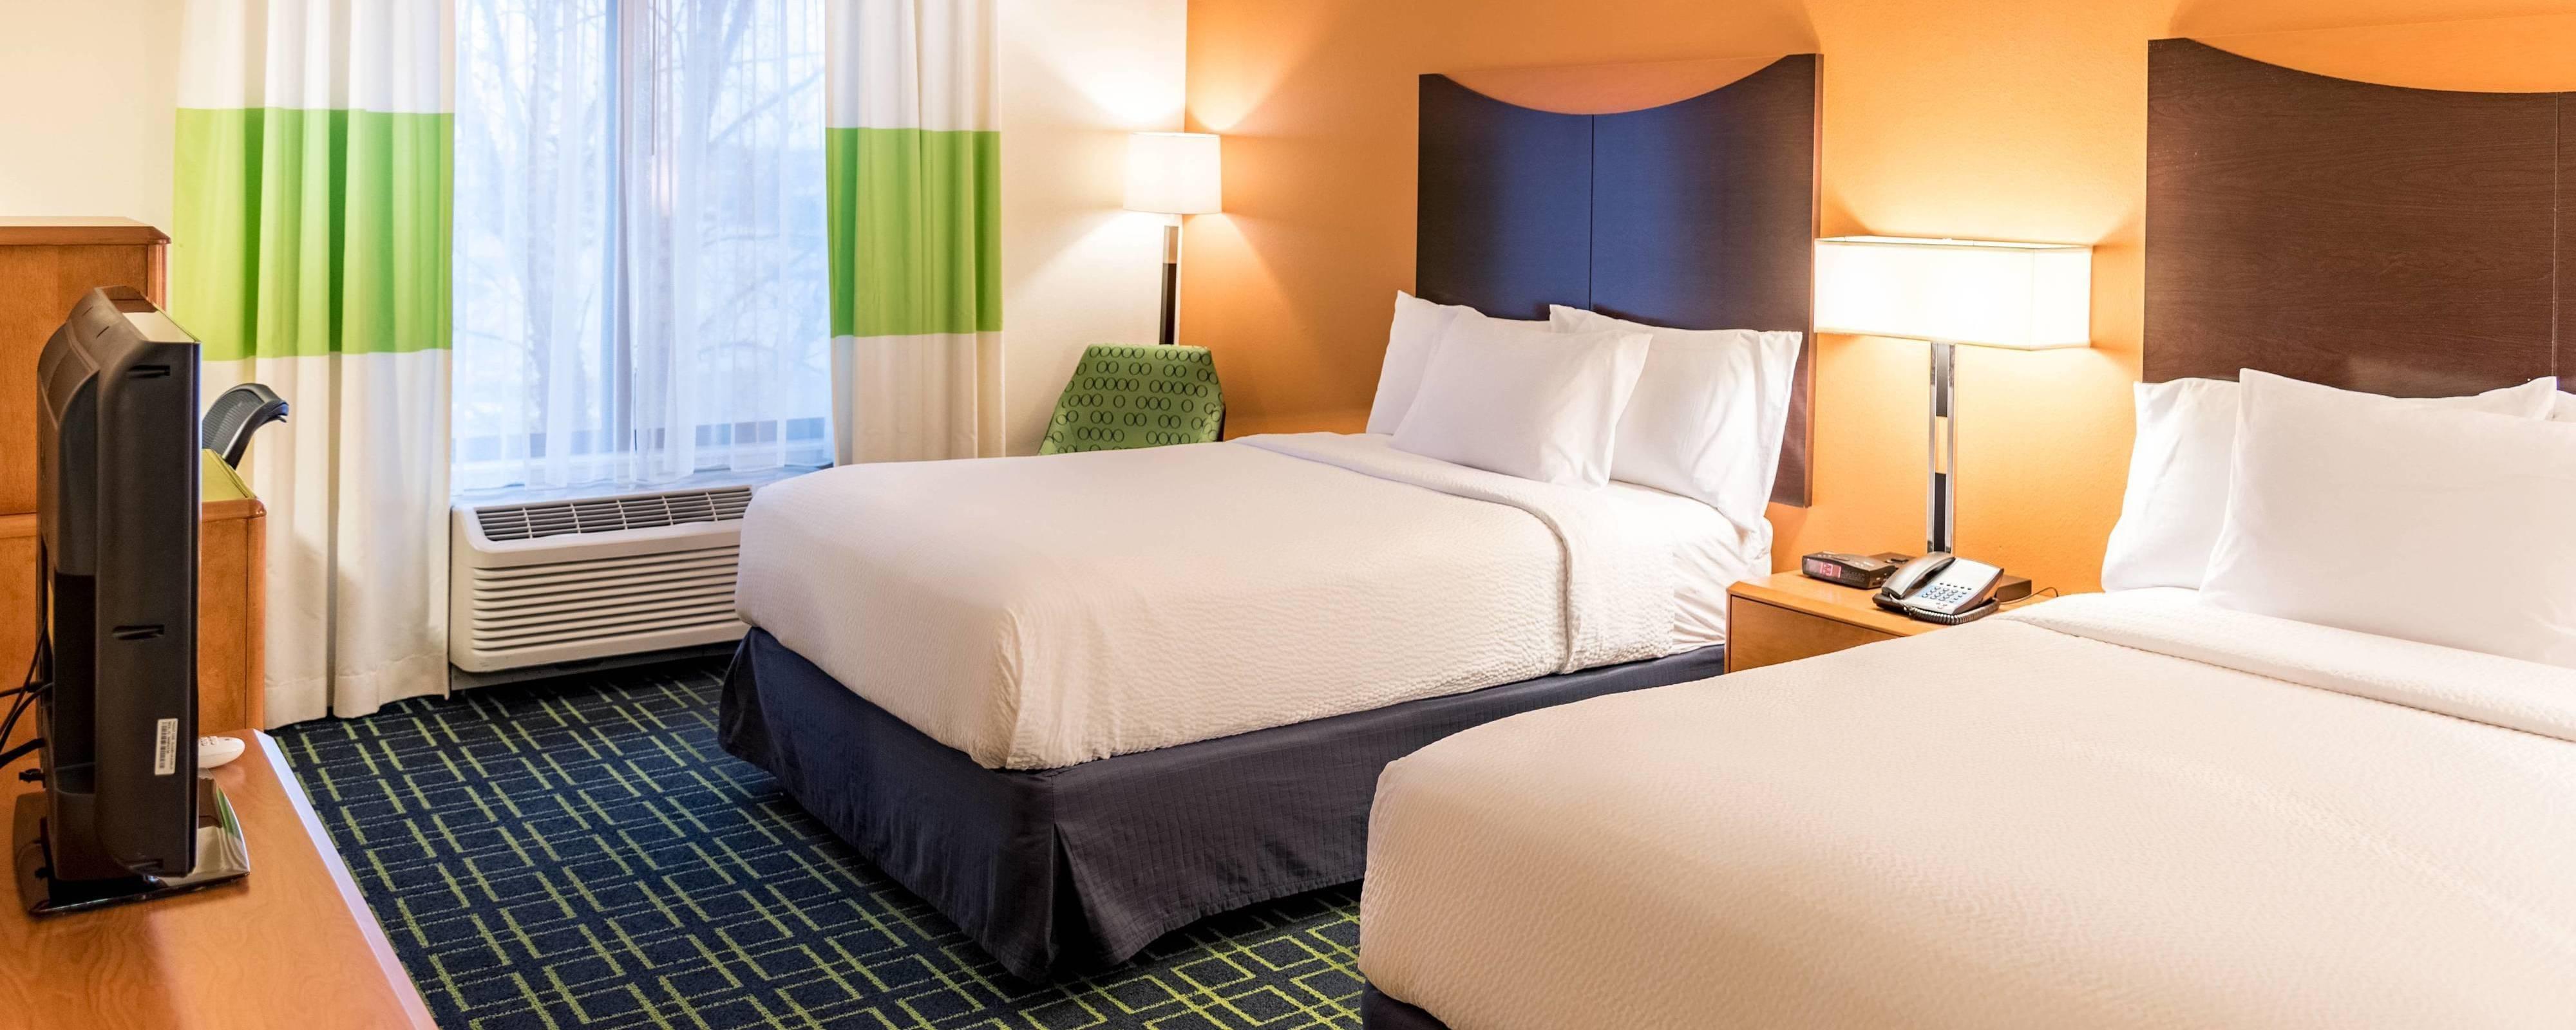 muskegon hotels fairfield inn suites muskegon norton shores a rh marriott com